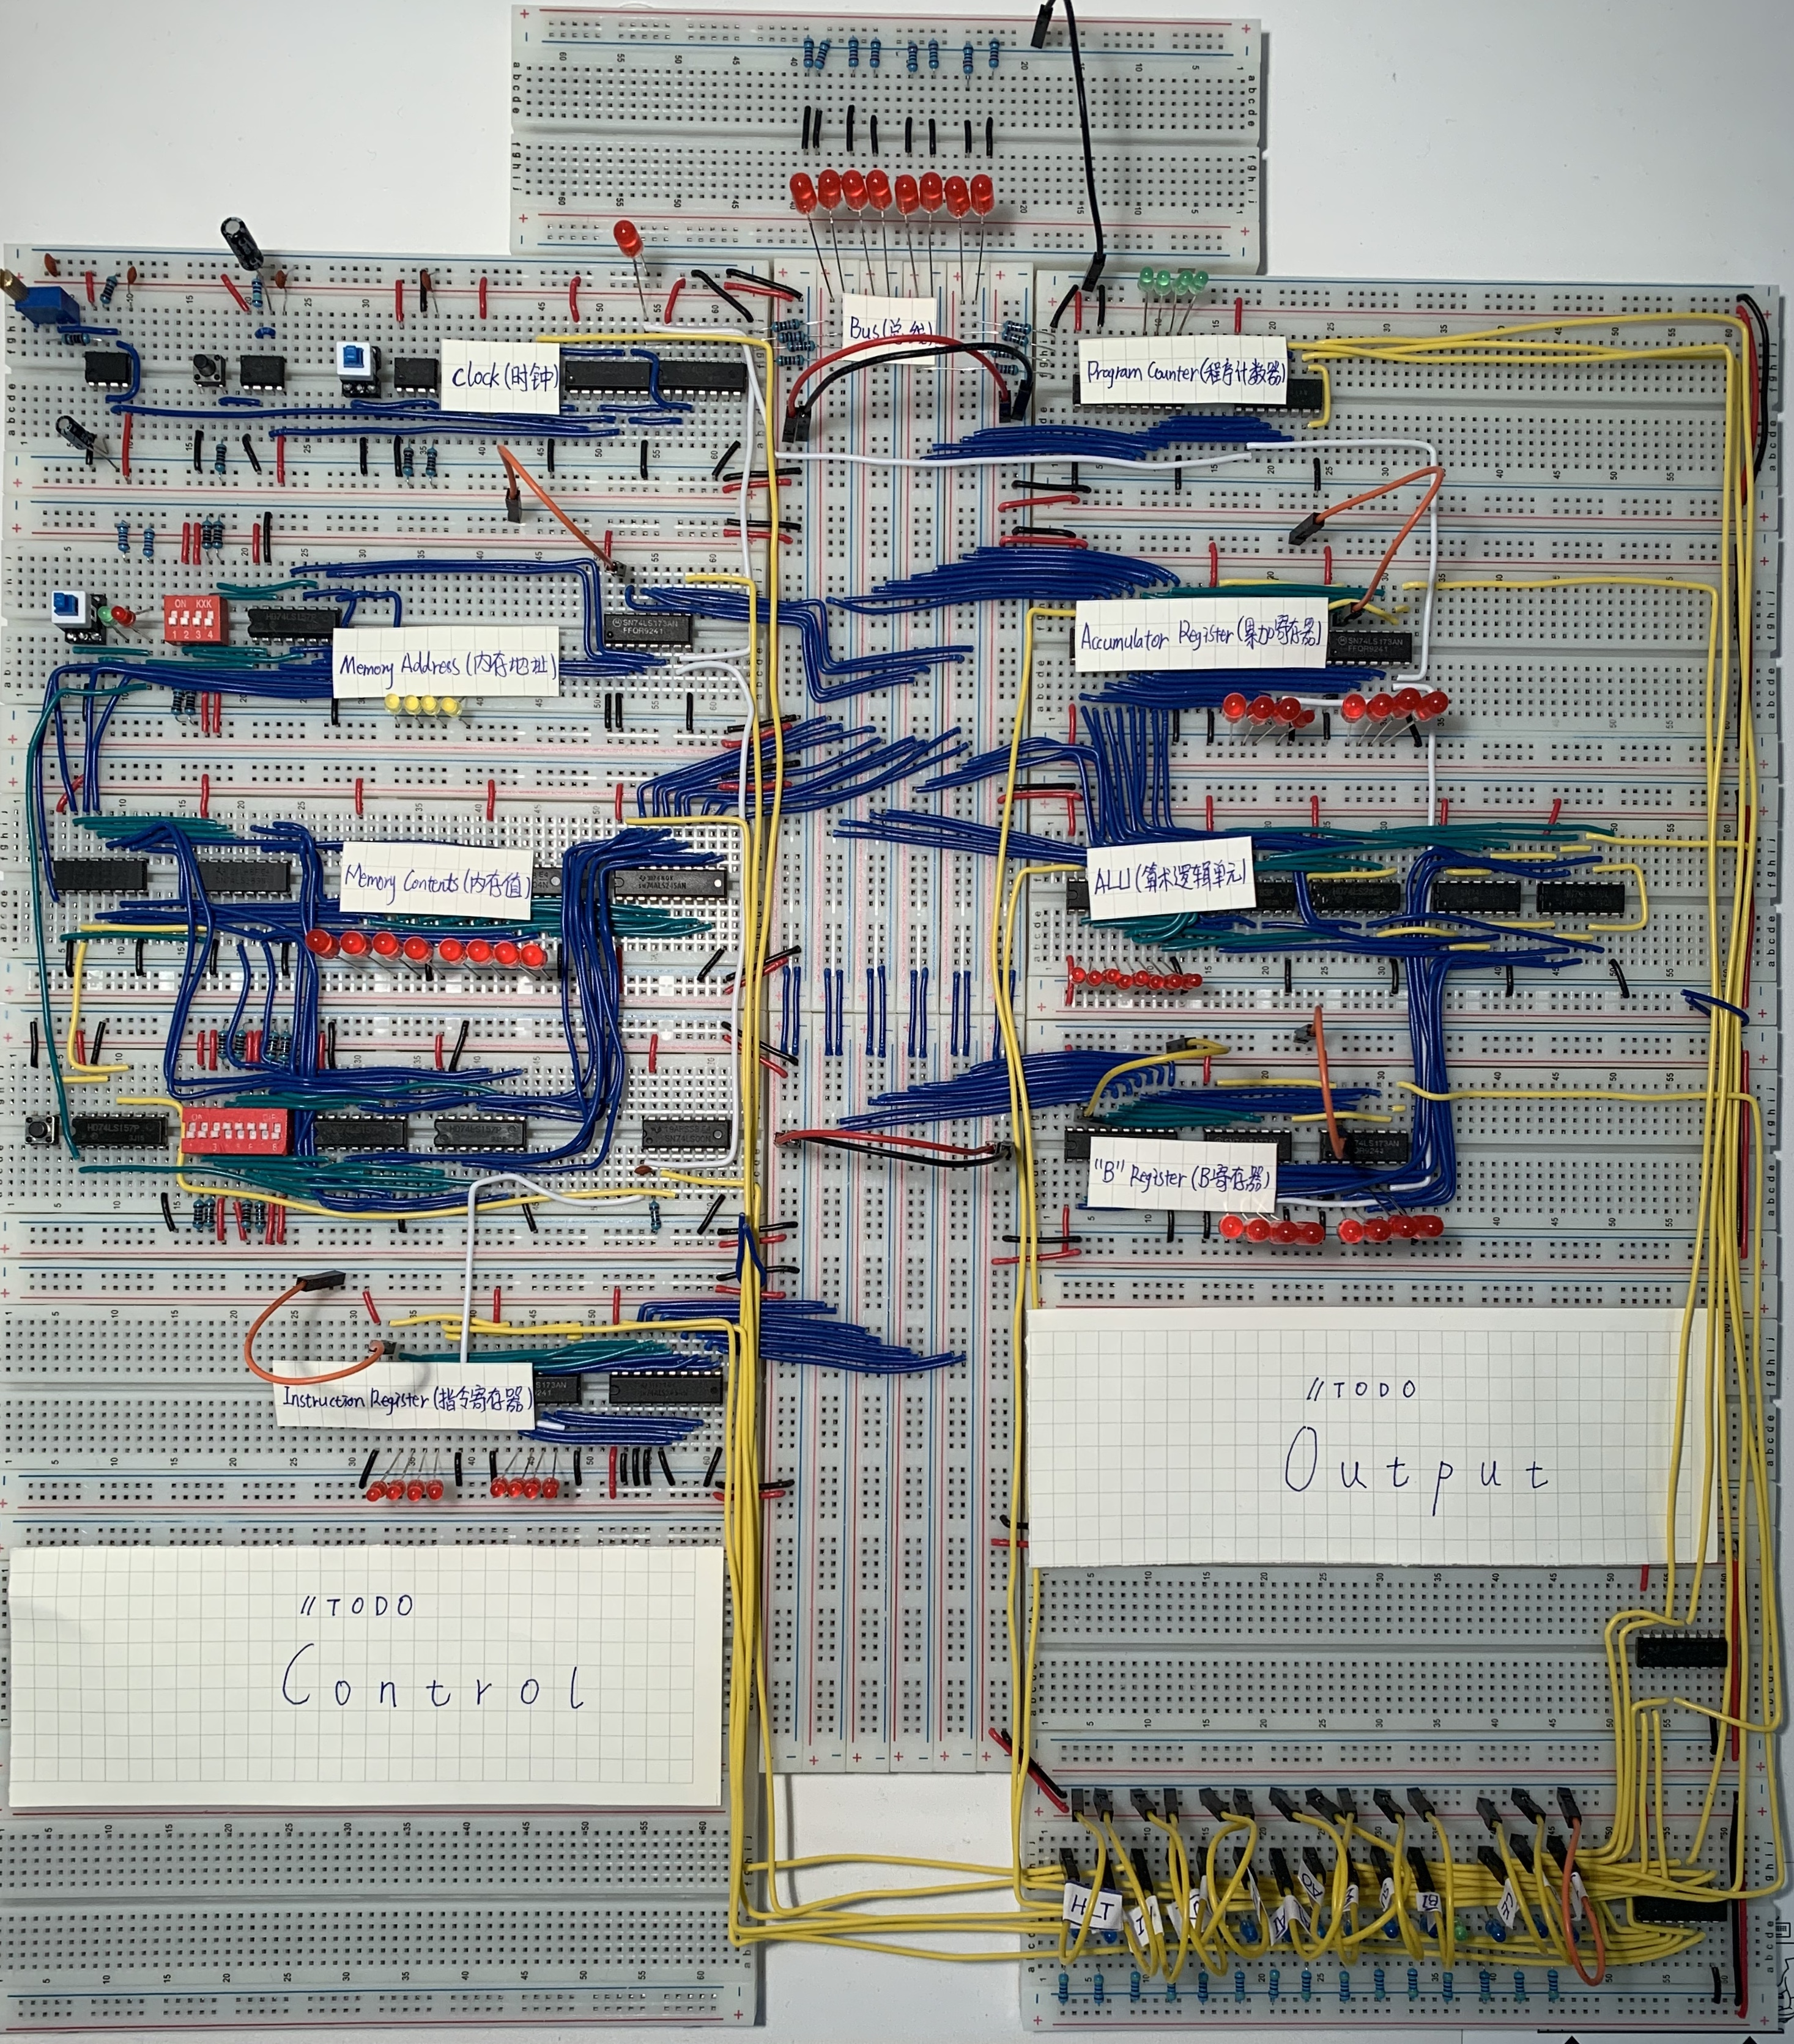 从零开始制作一台计算机-概述